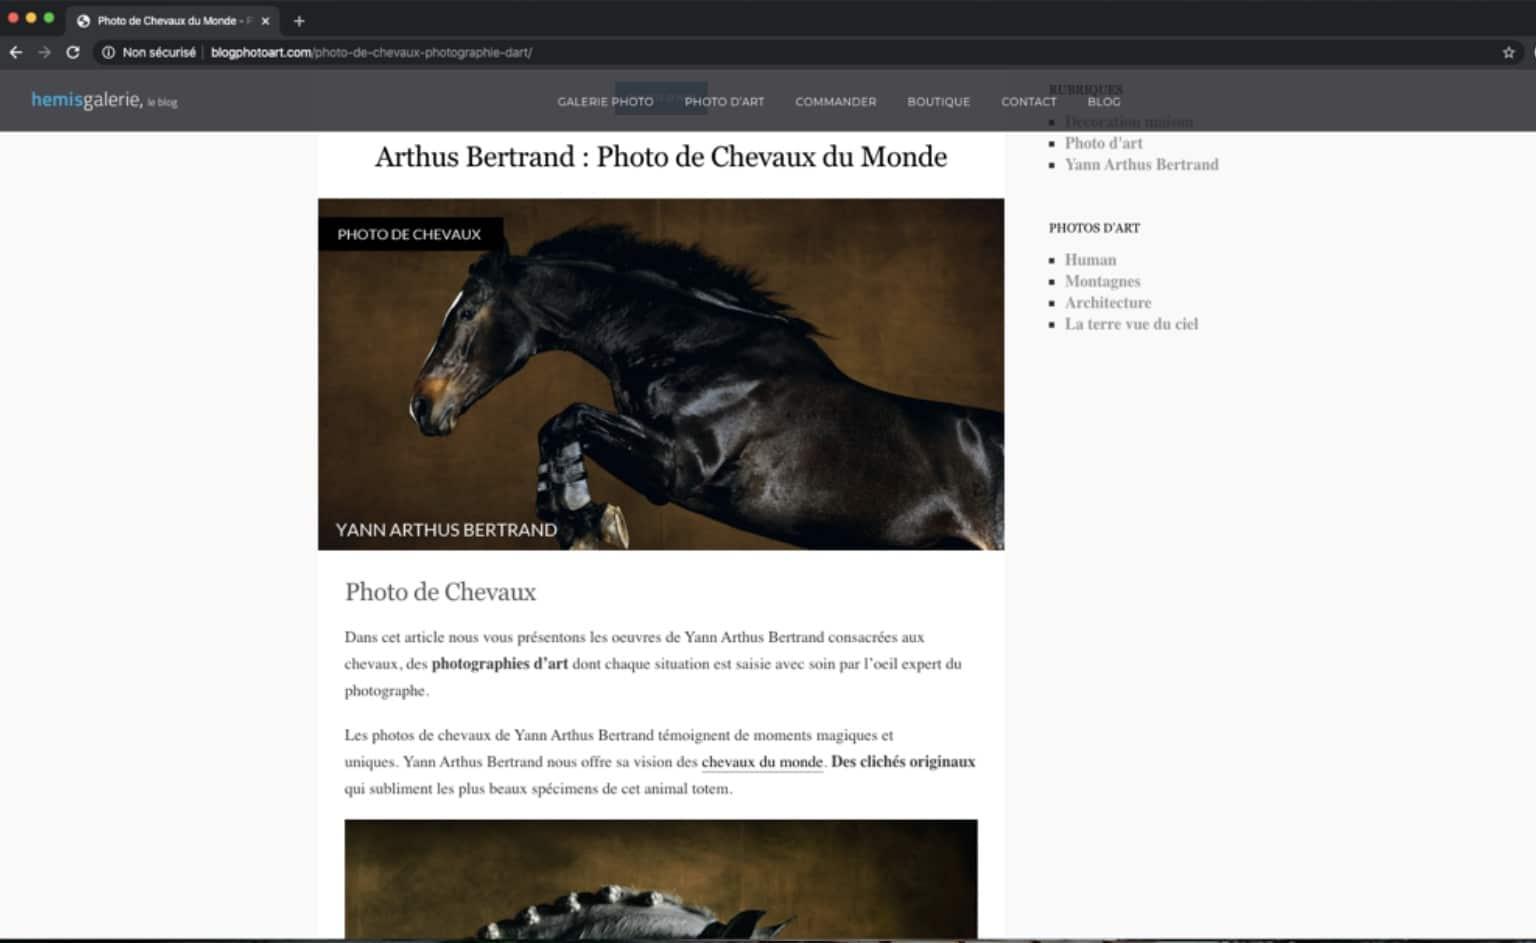 Rédaction d'un article pour une photo d'art sur les Chevaux par Yann Arthus Bertrand